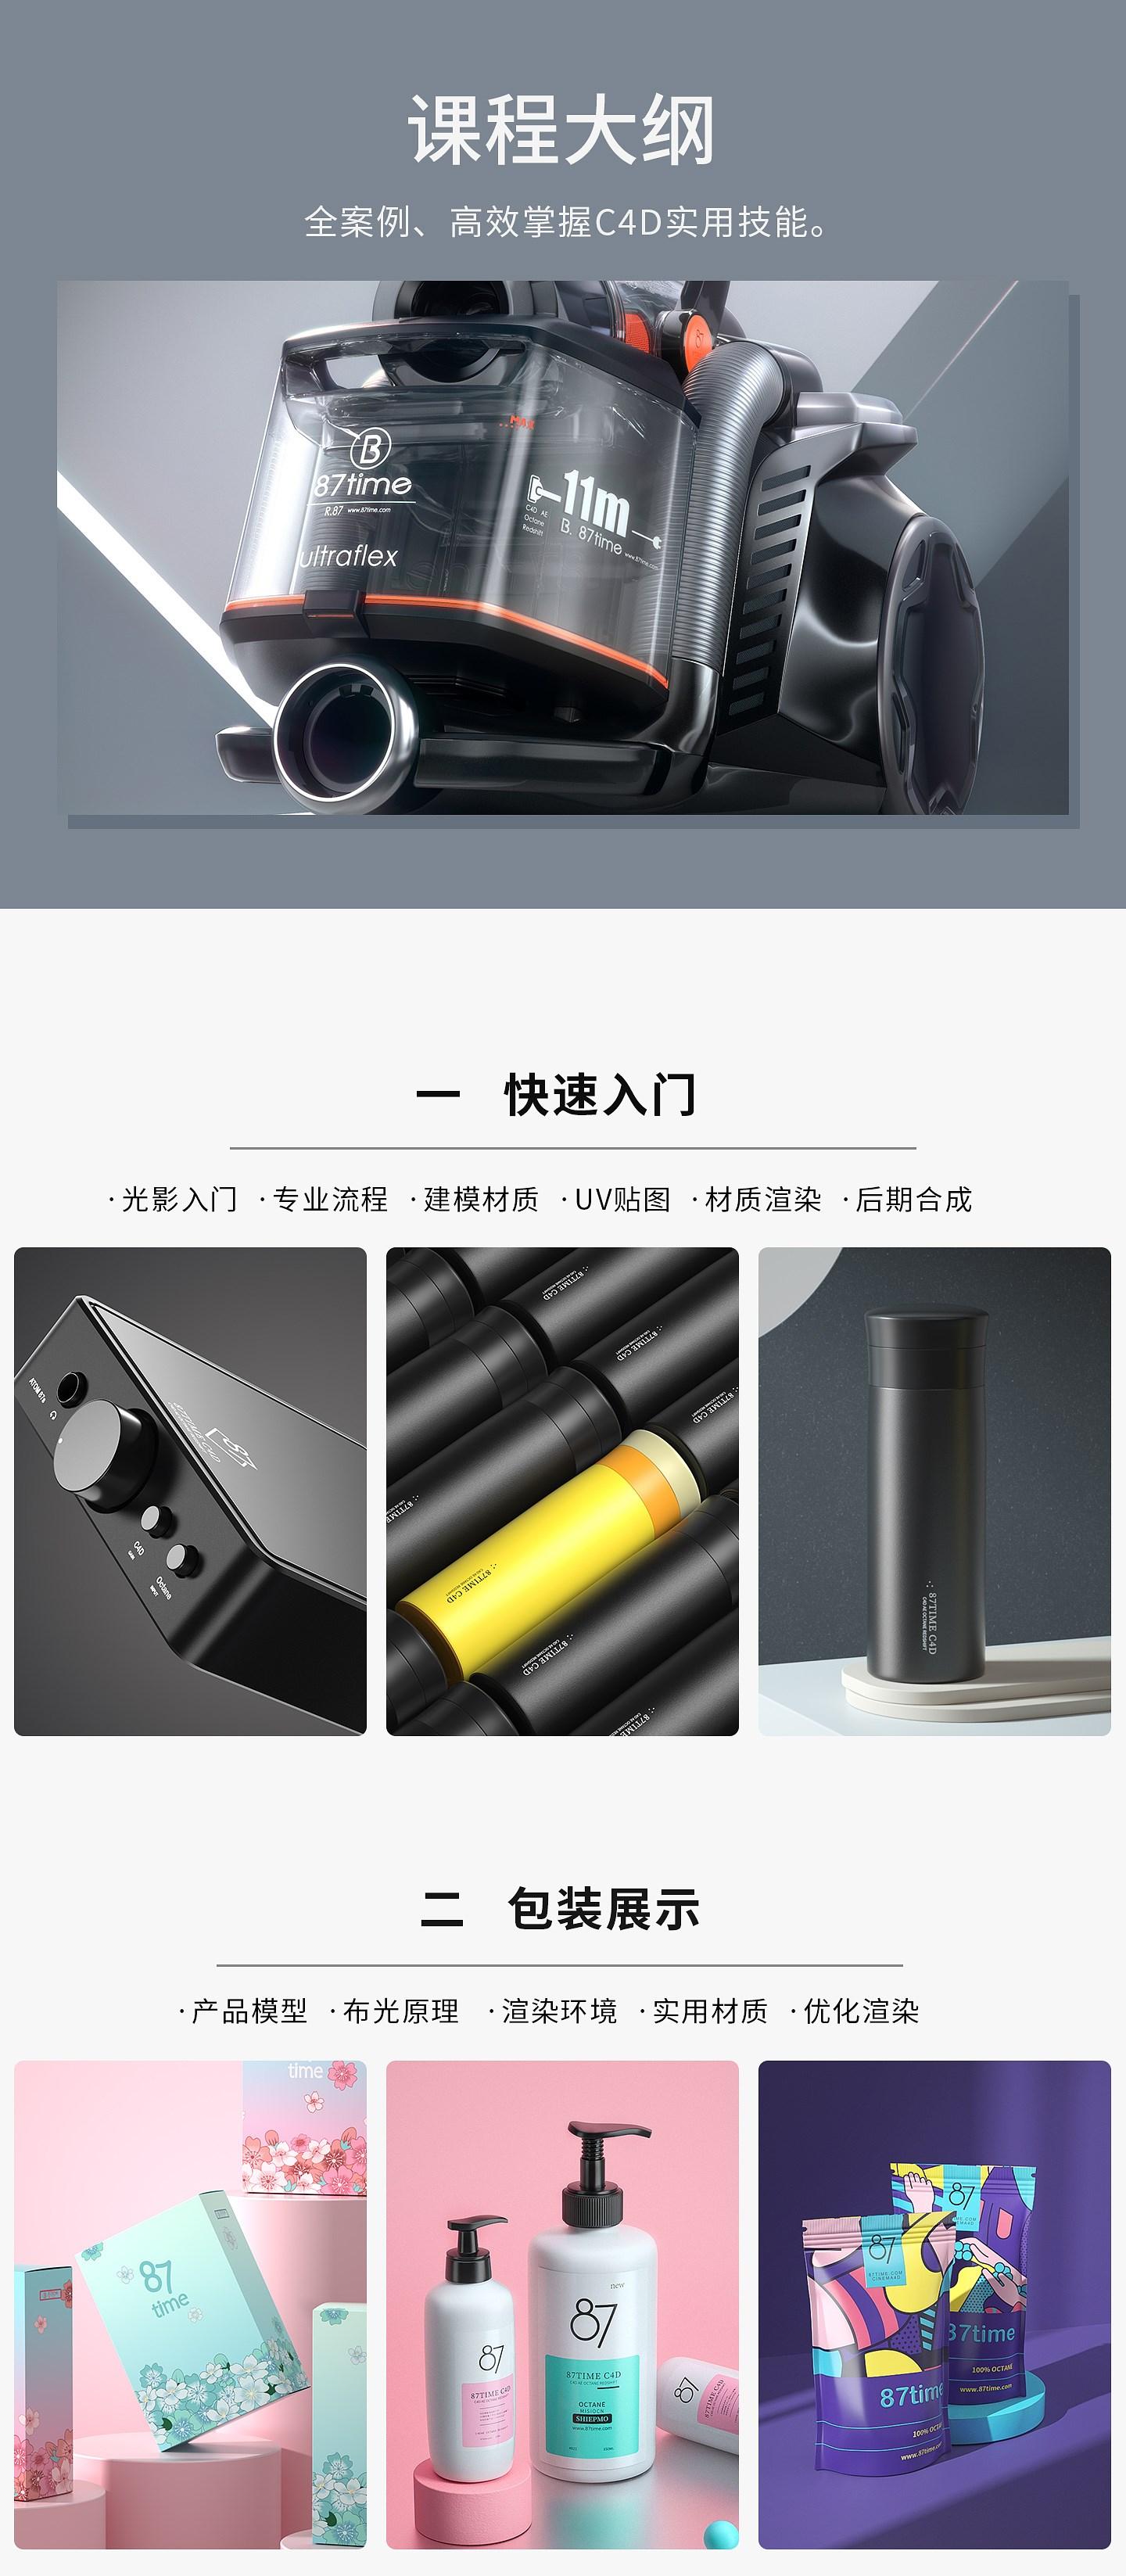 P10A1.jpg